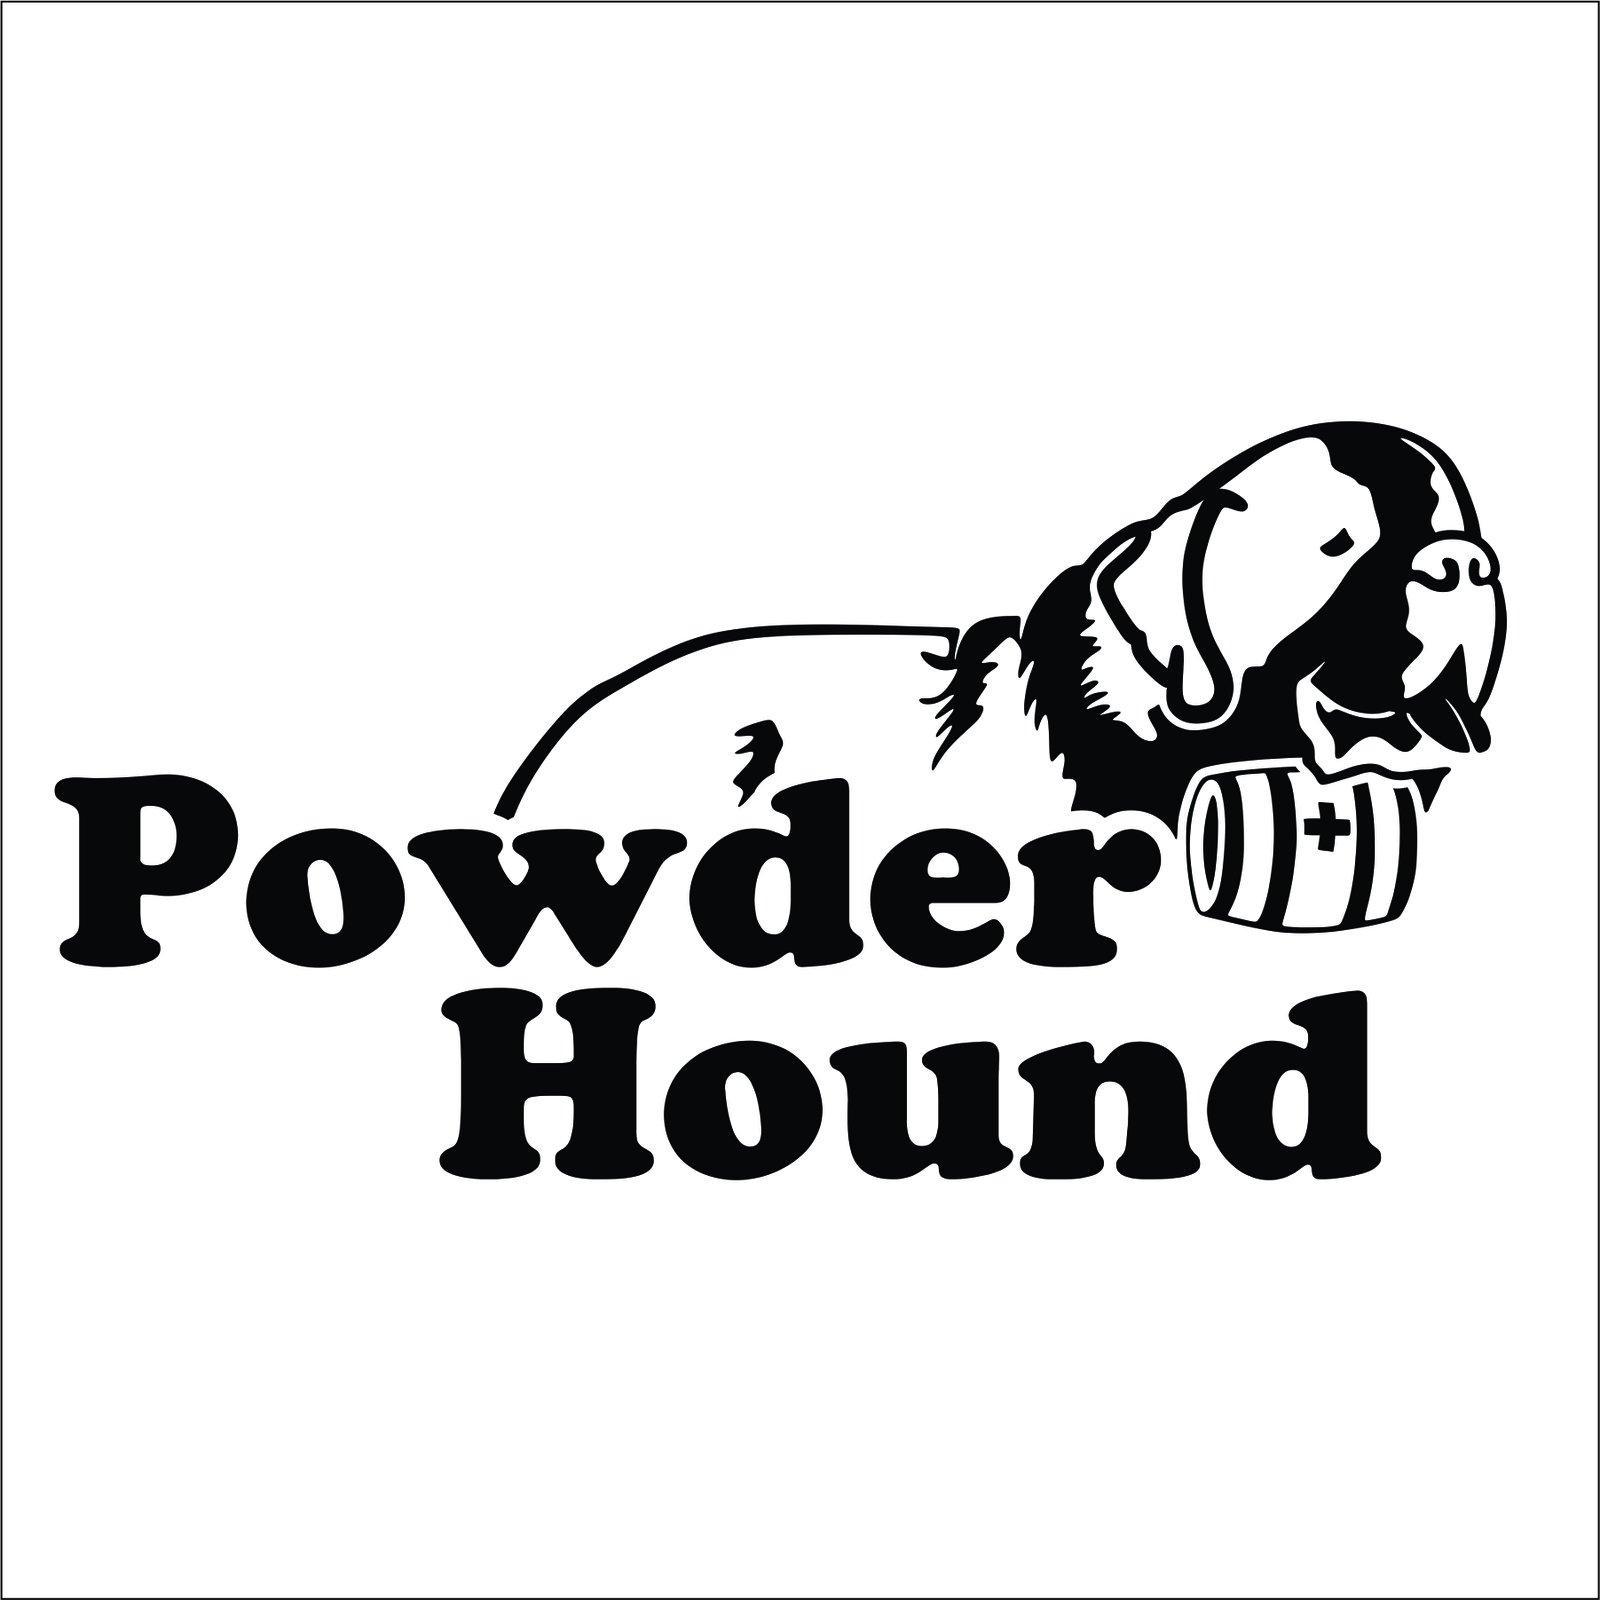 Powder Hound Typeface